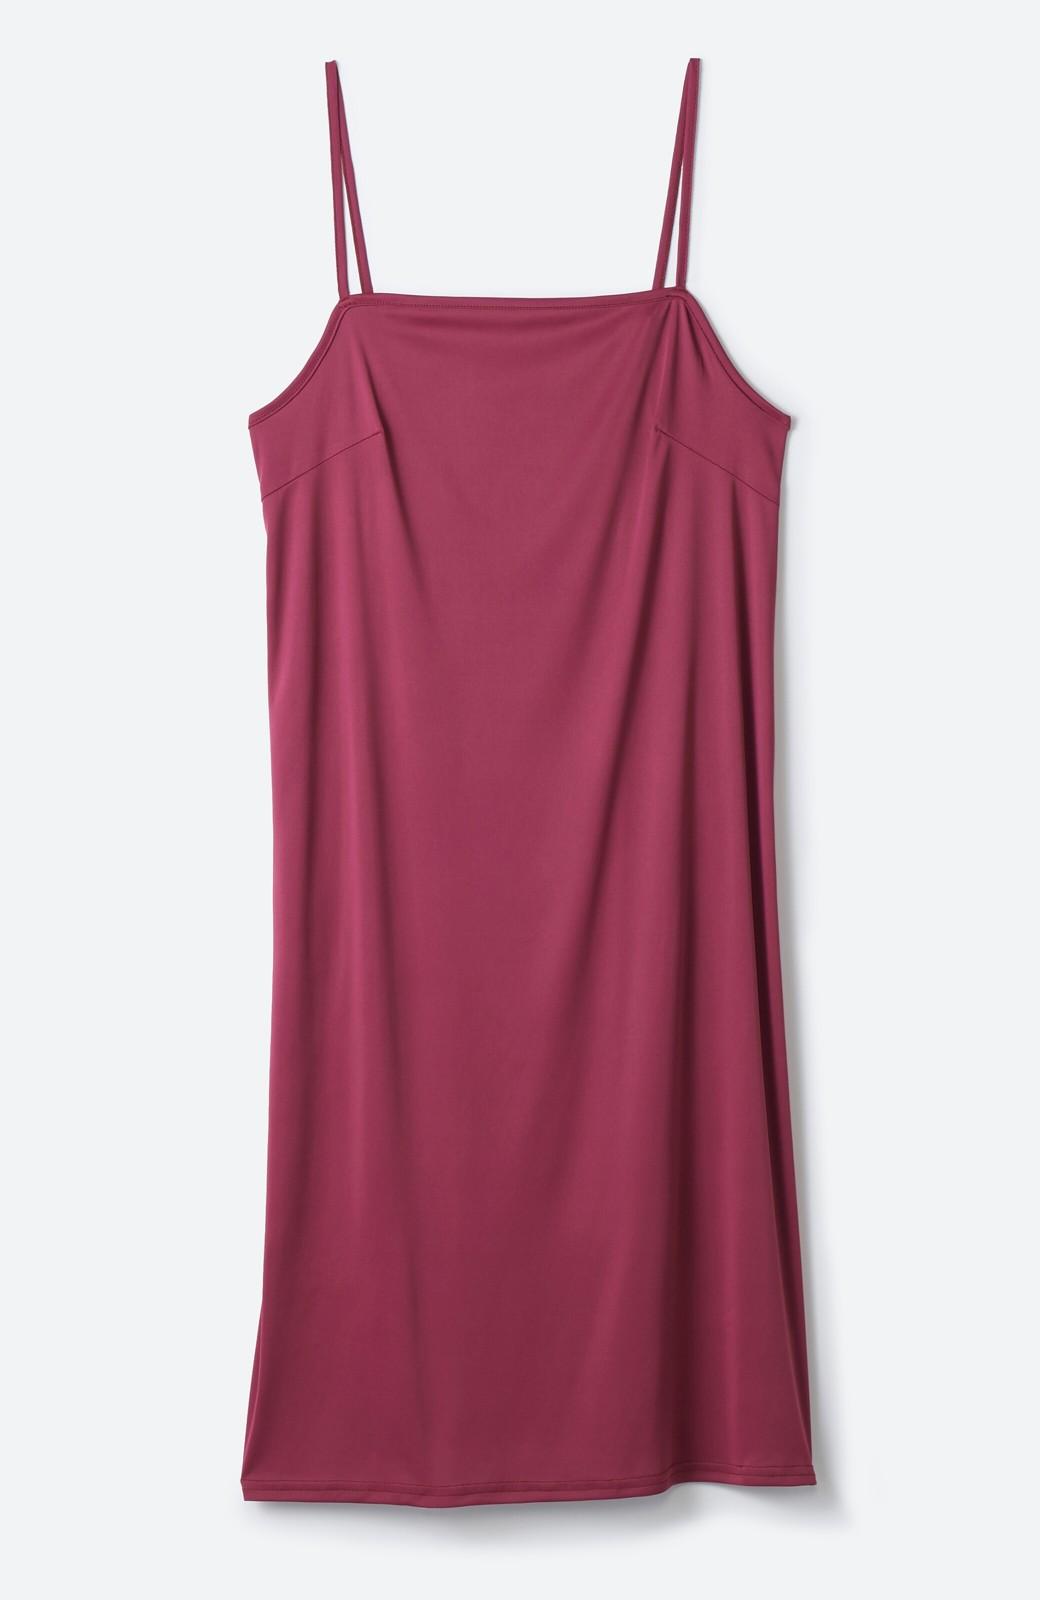 haco! バレずにとことん楽できる 羽織りとしても使える軽やかシャツワンピース <レッド>の商品写真3